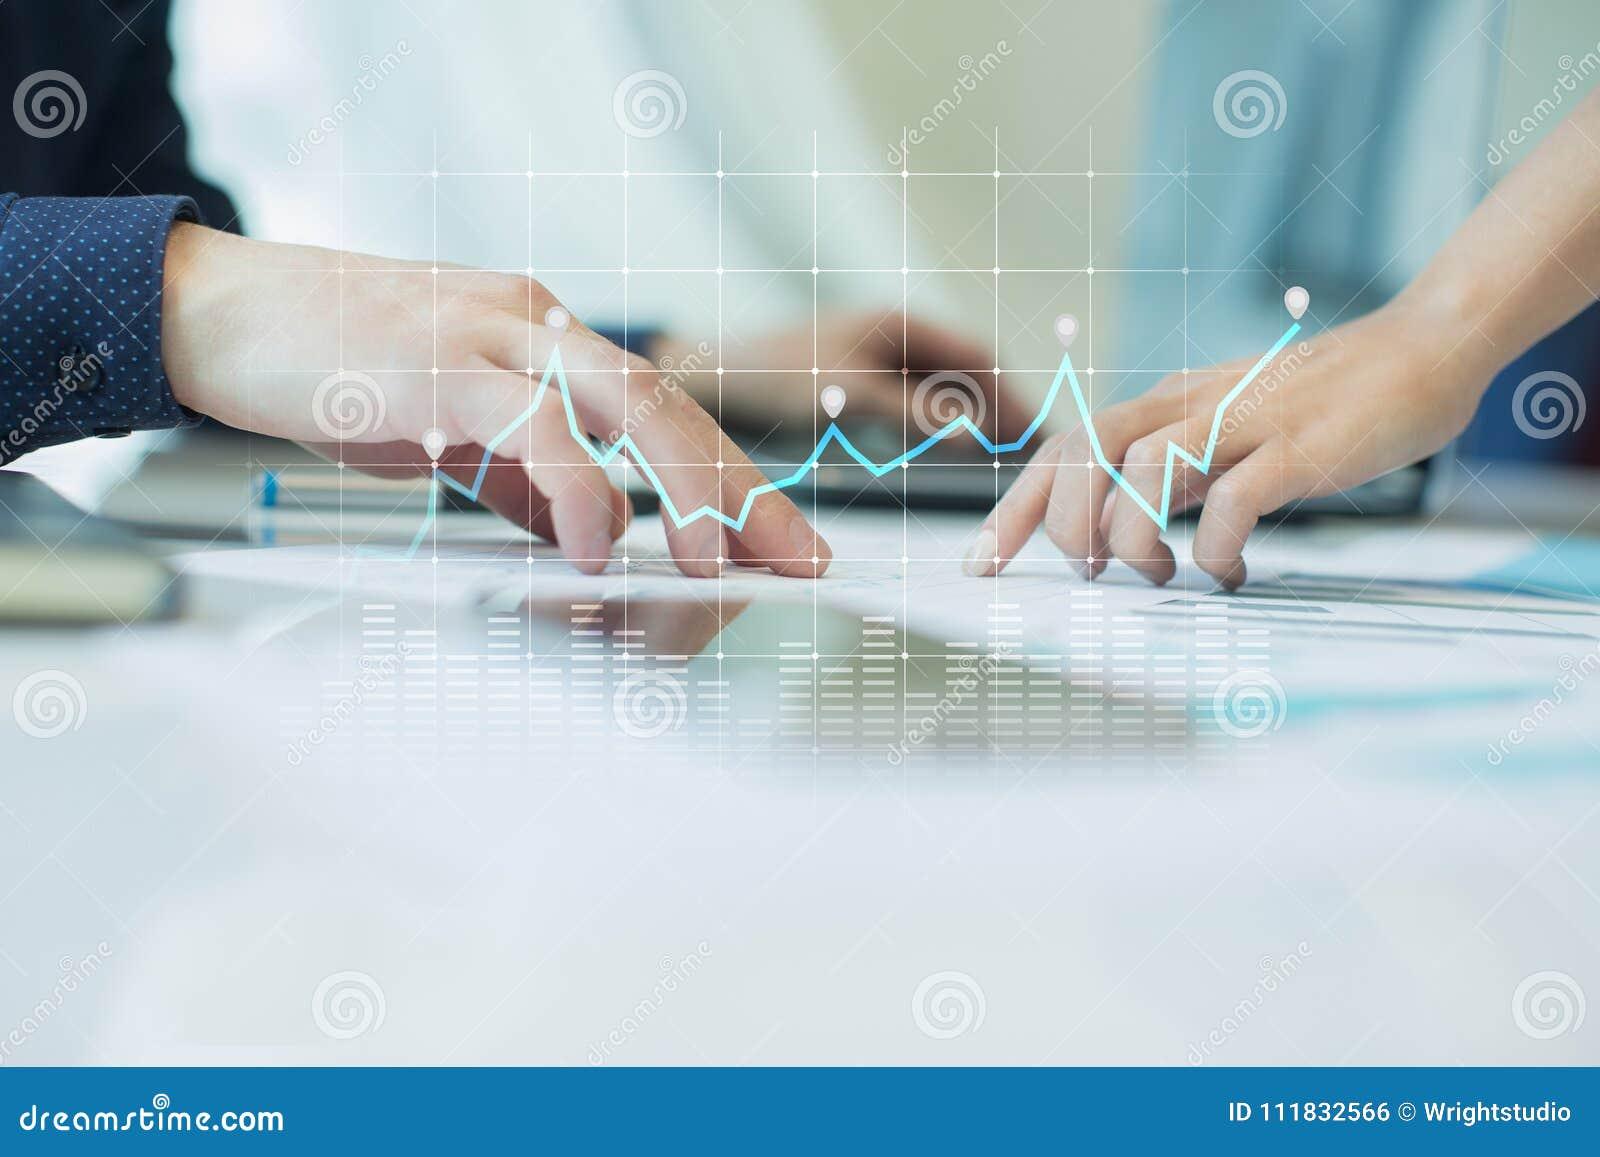 Diagrammi e grafici sullo schermo virtuale Strategia aziendale, tecnologia di analisi dei dati e concetto finanziario di crescita